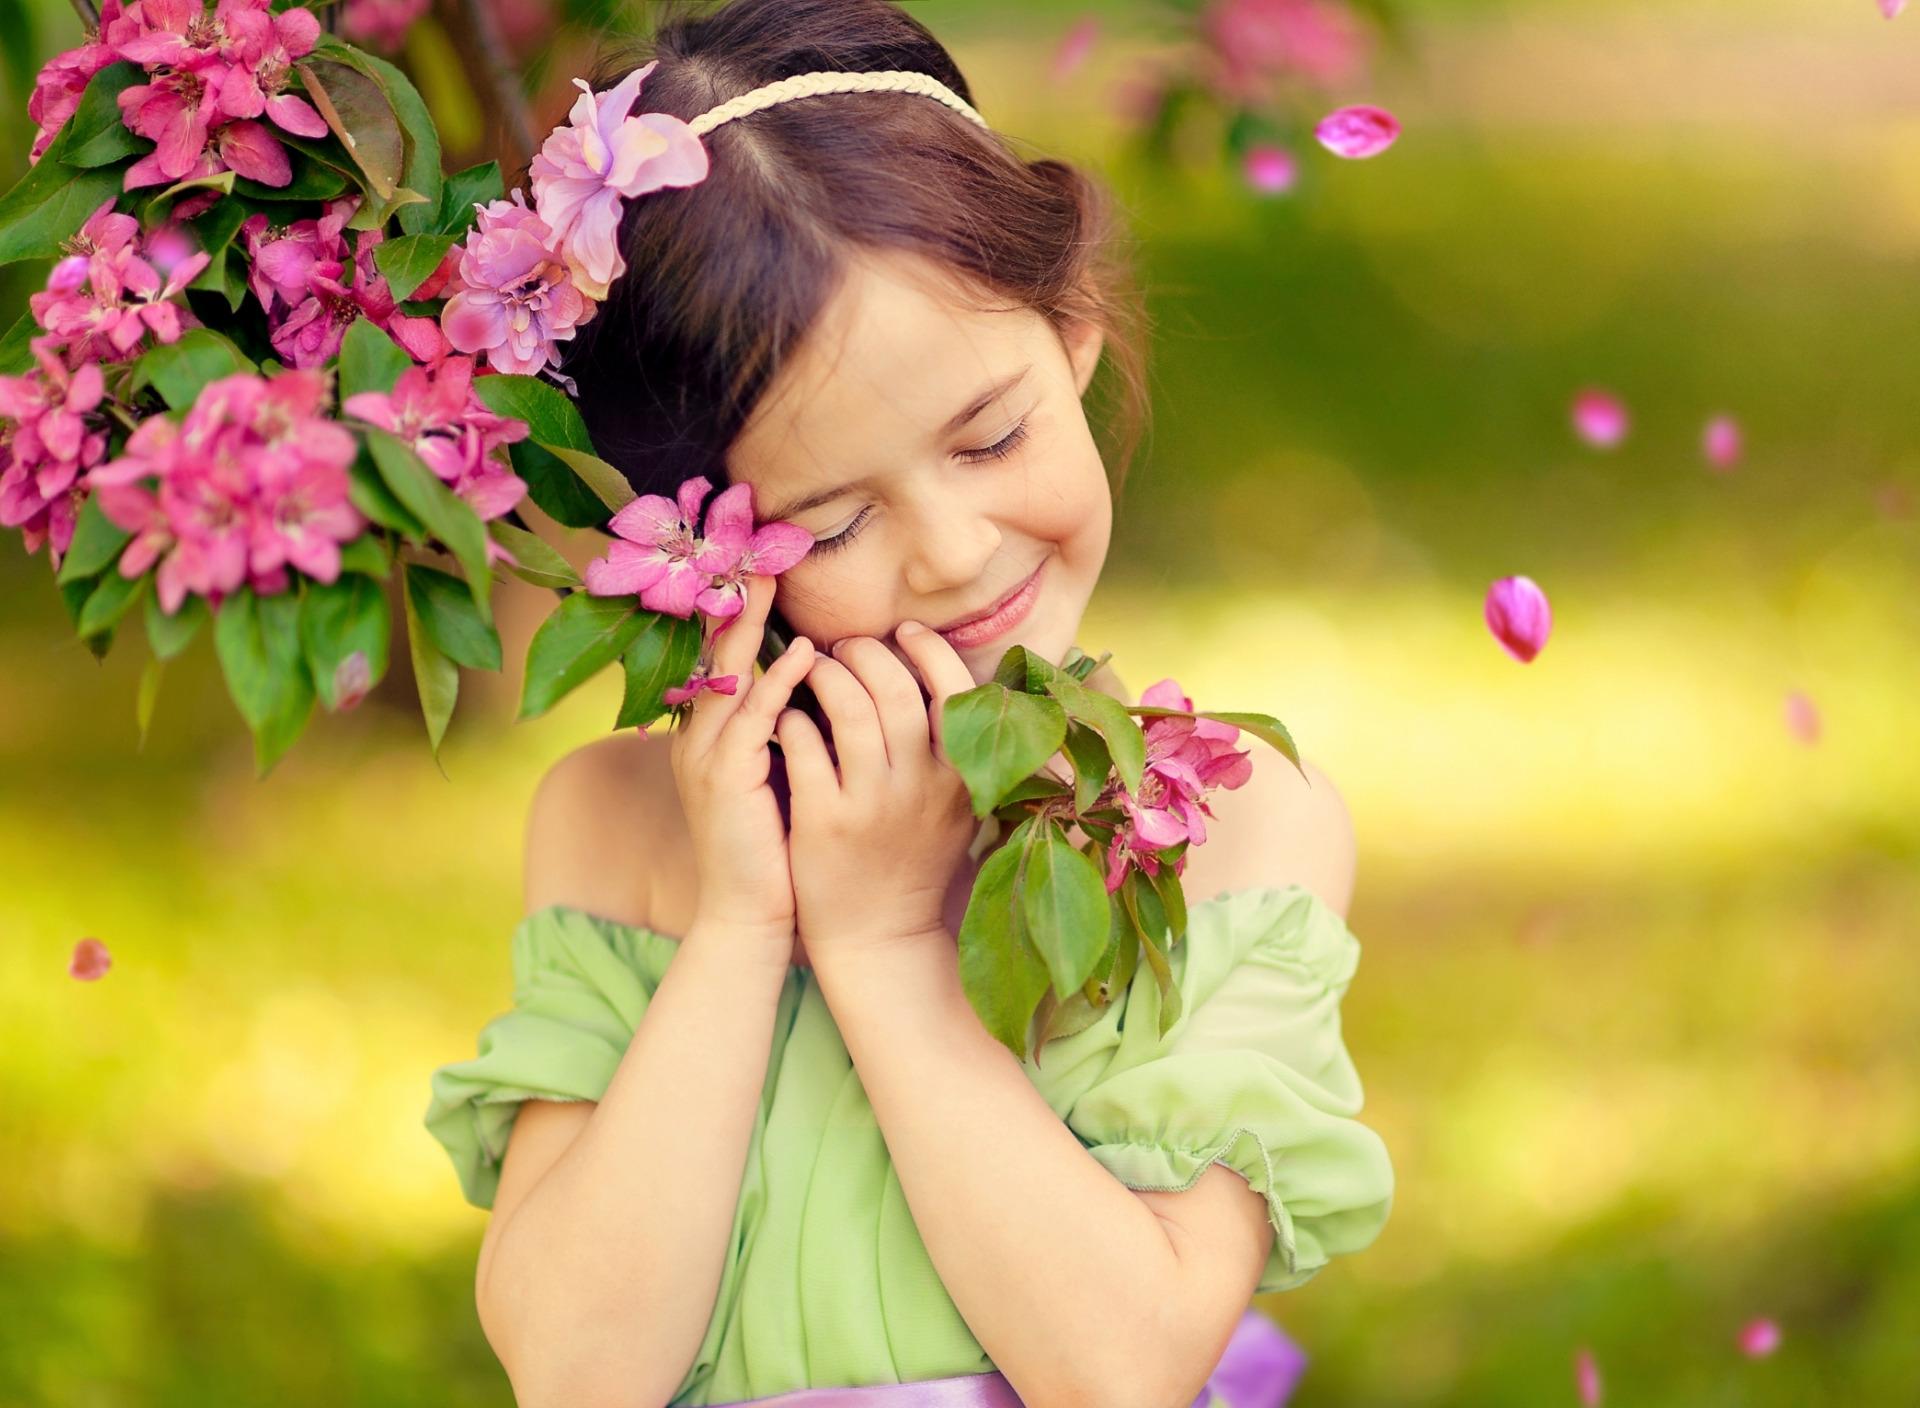 Картинка любви для улыбки